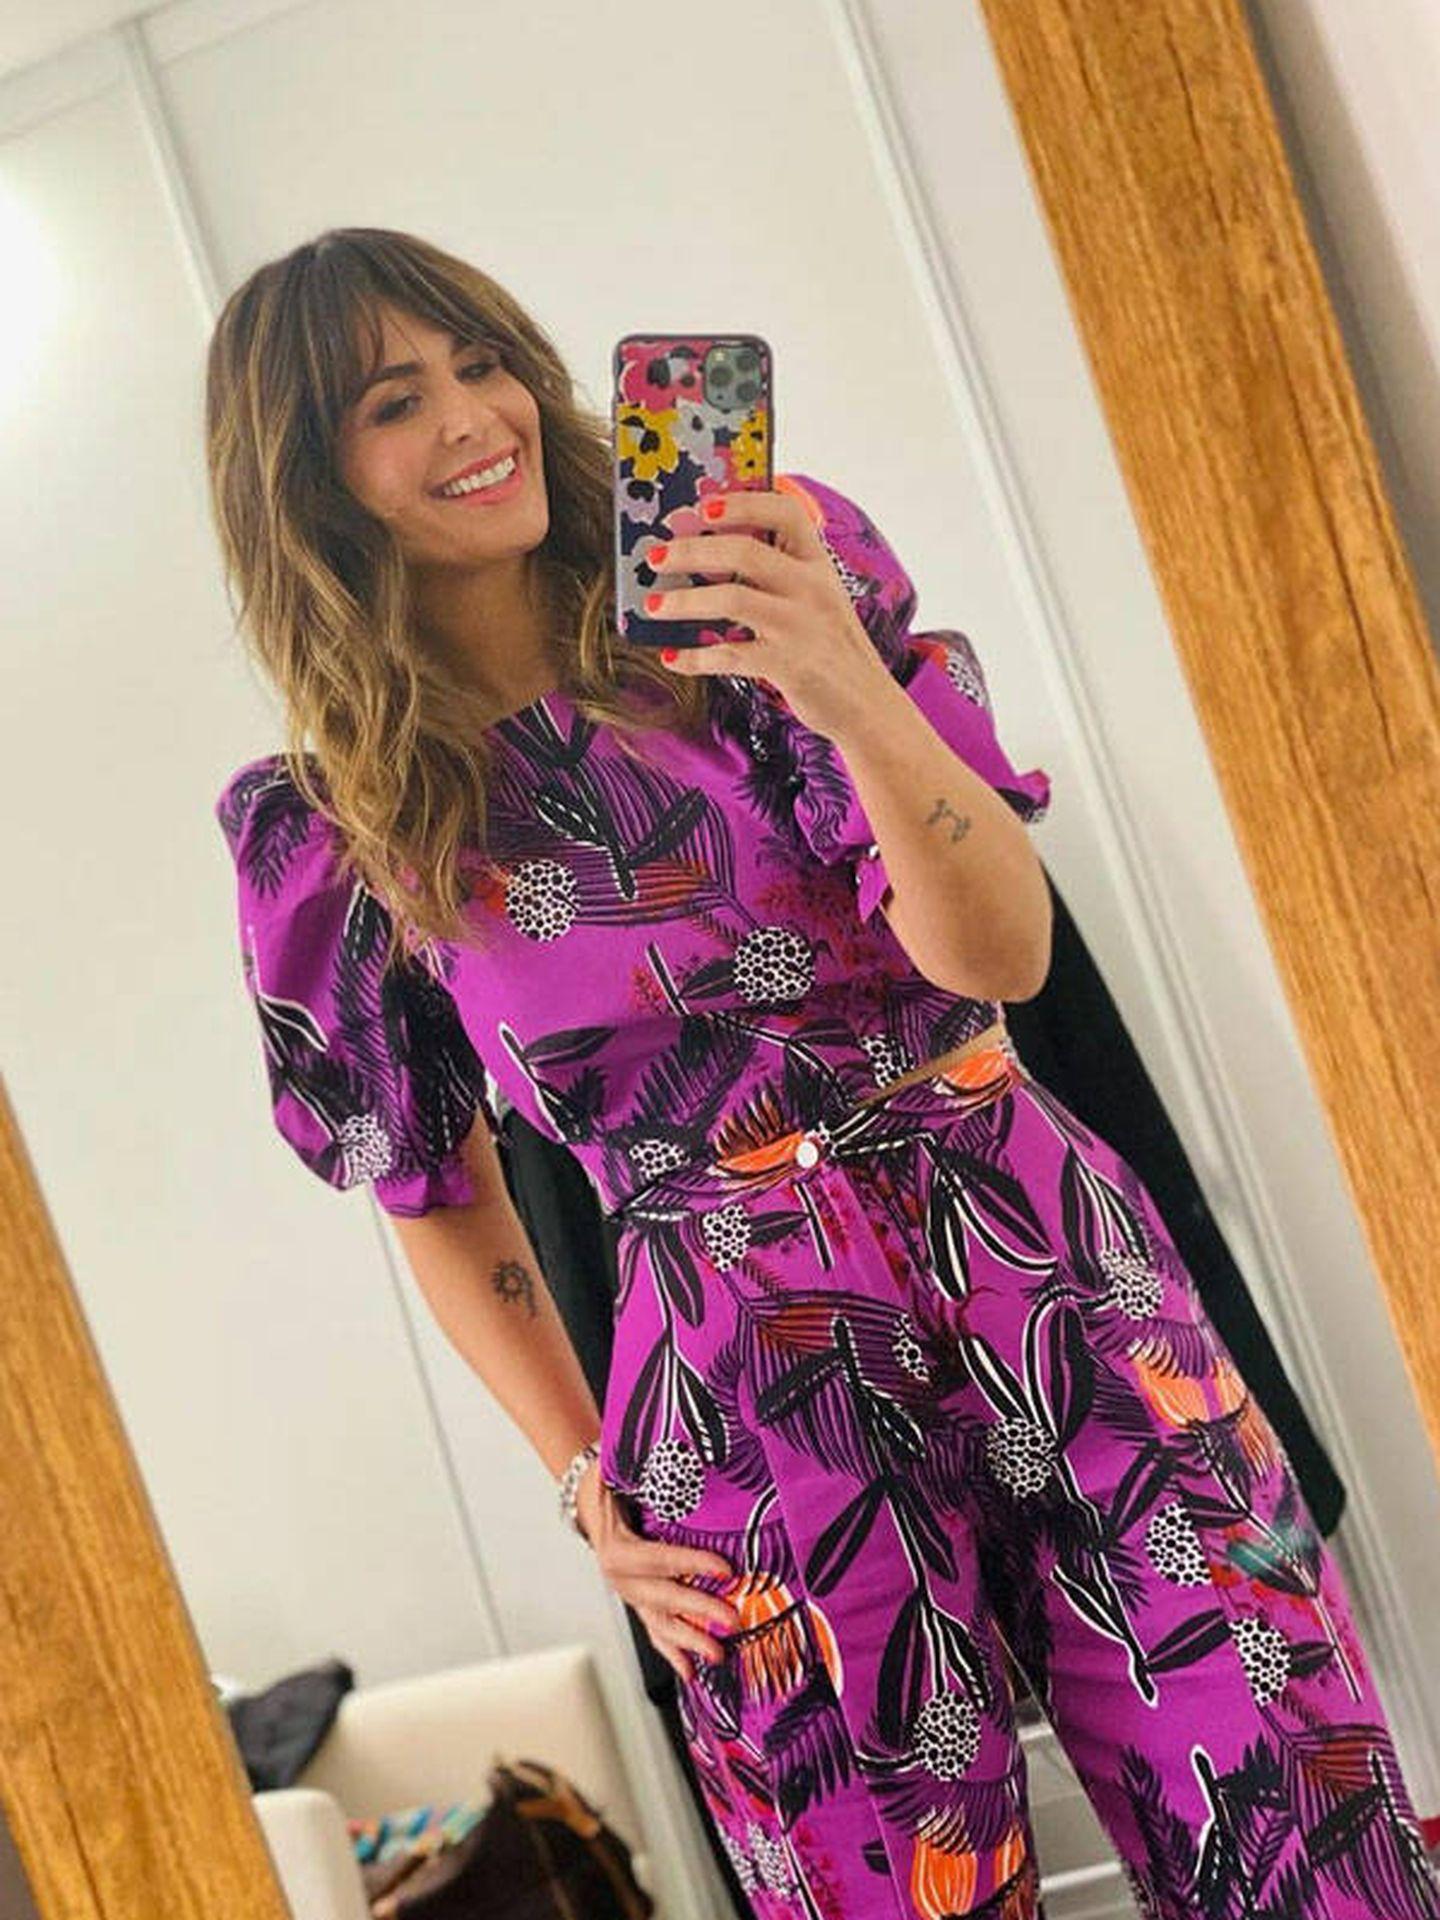 Nuria Roca y su foto en el espejo. (Instagram @nuriarocagranell)